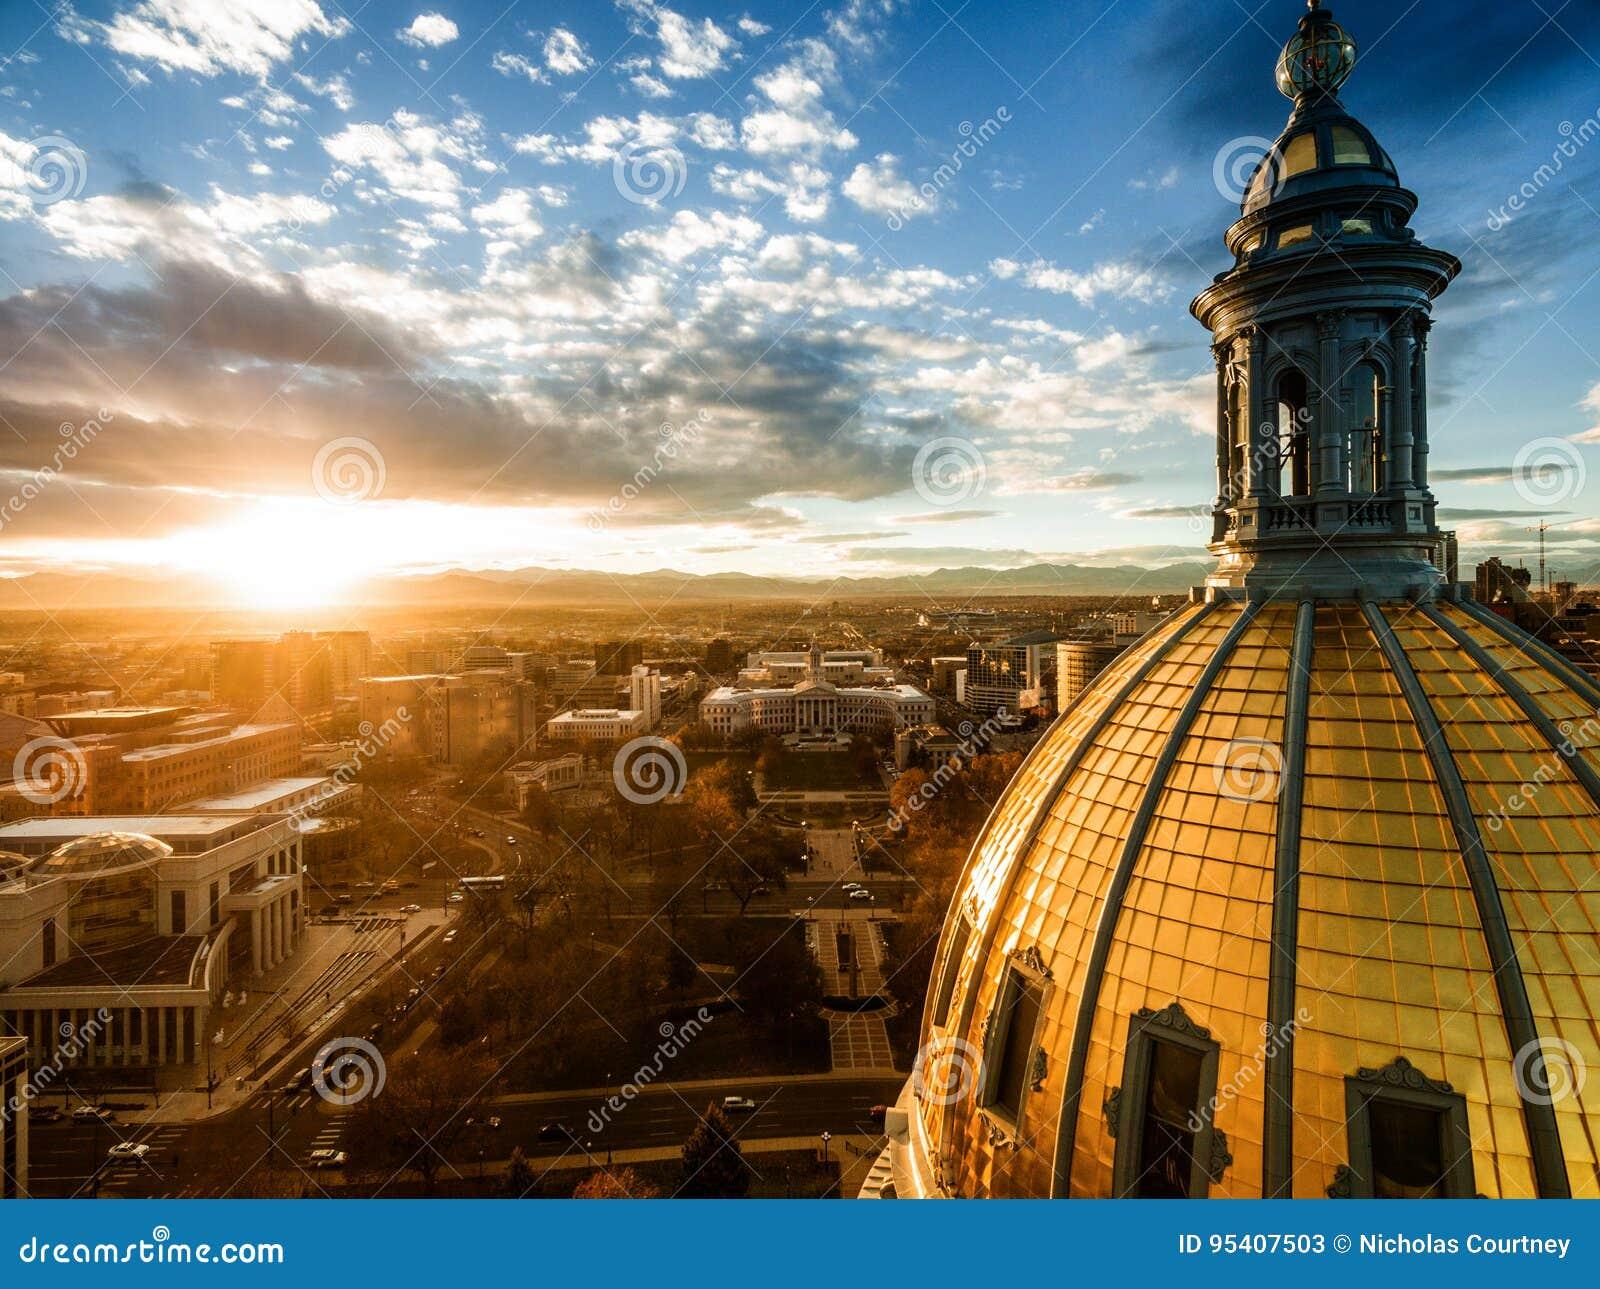 Воздушный фотоснимок трутня - сногсшибательный золотой заход солнца над зданием столицы государства Колорадо & скалистыми горами,